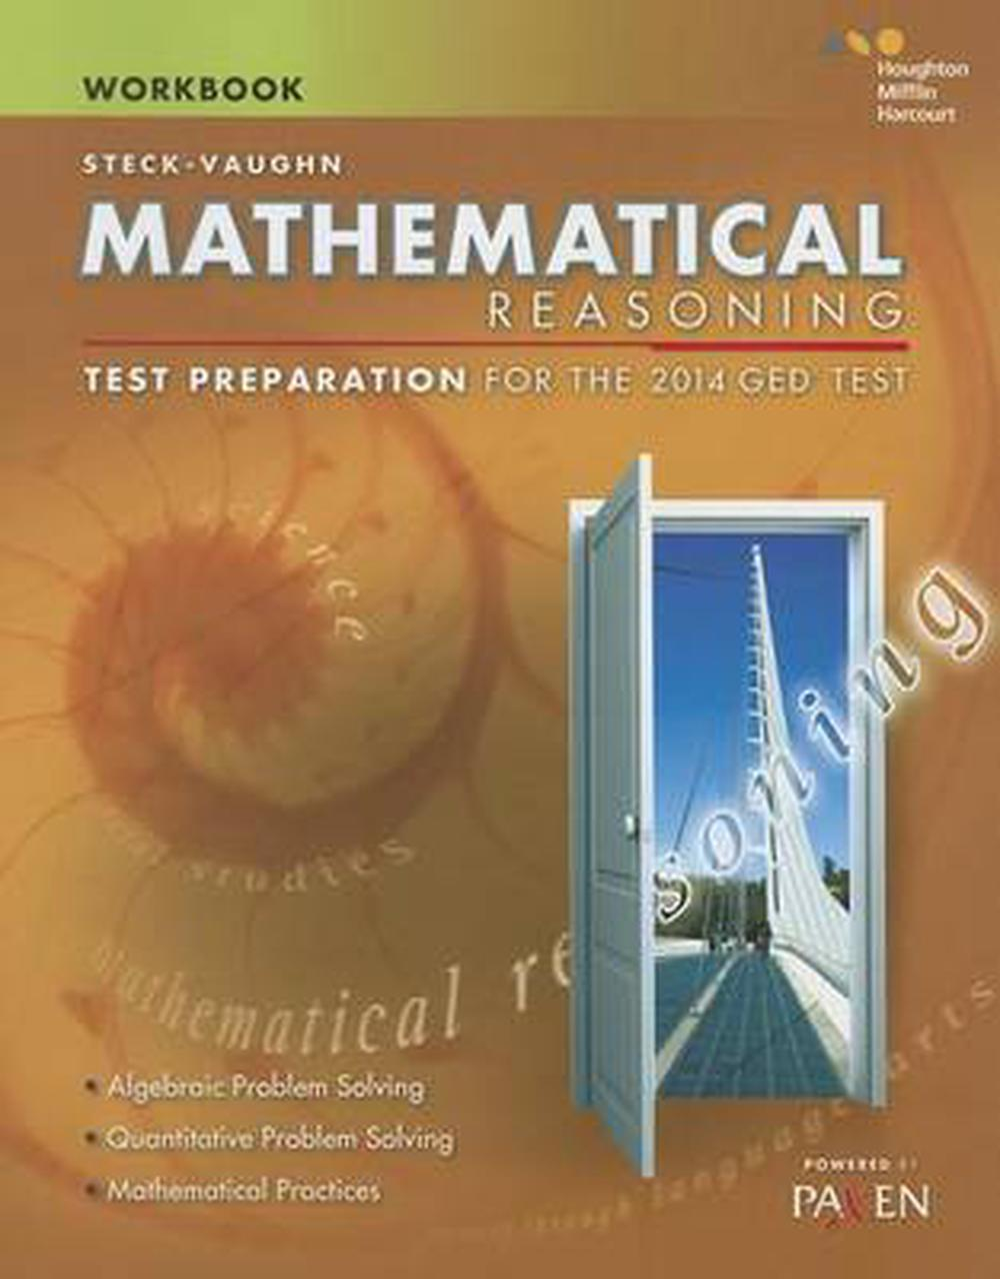 Steck-Vaughn GED: Test Preparation Student Workbook Mathematical ...